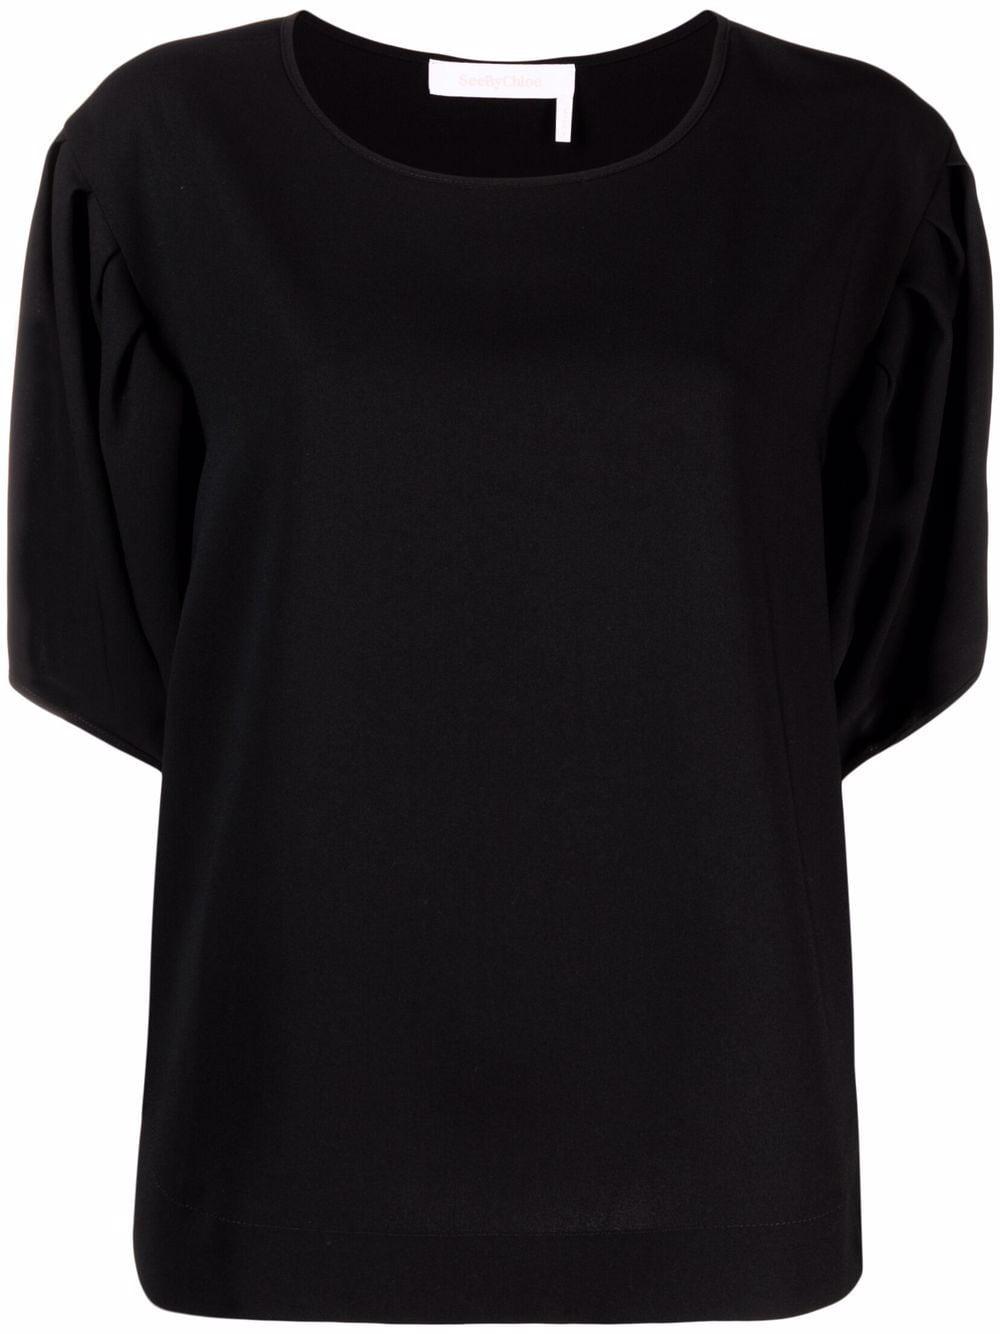 T- Shirt mit weiten Ärmeln